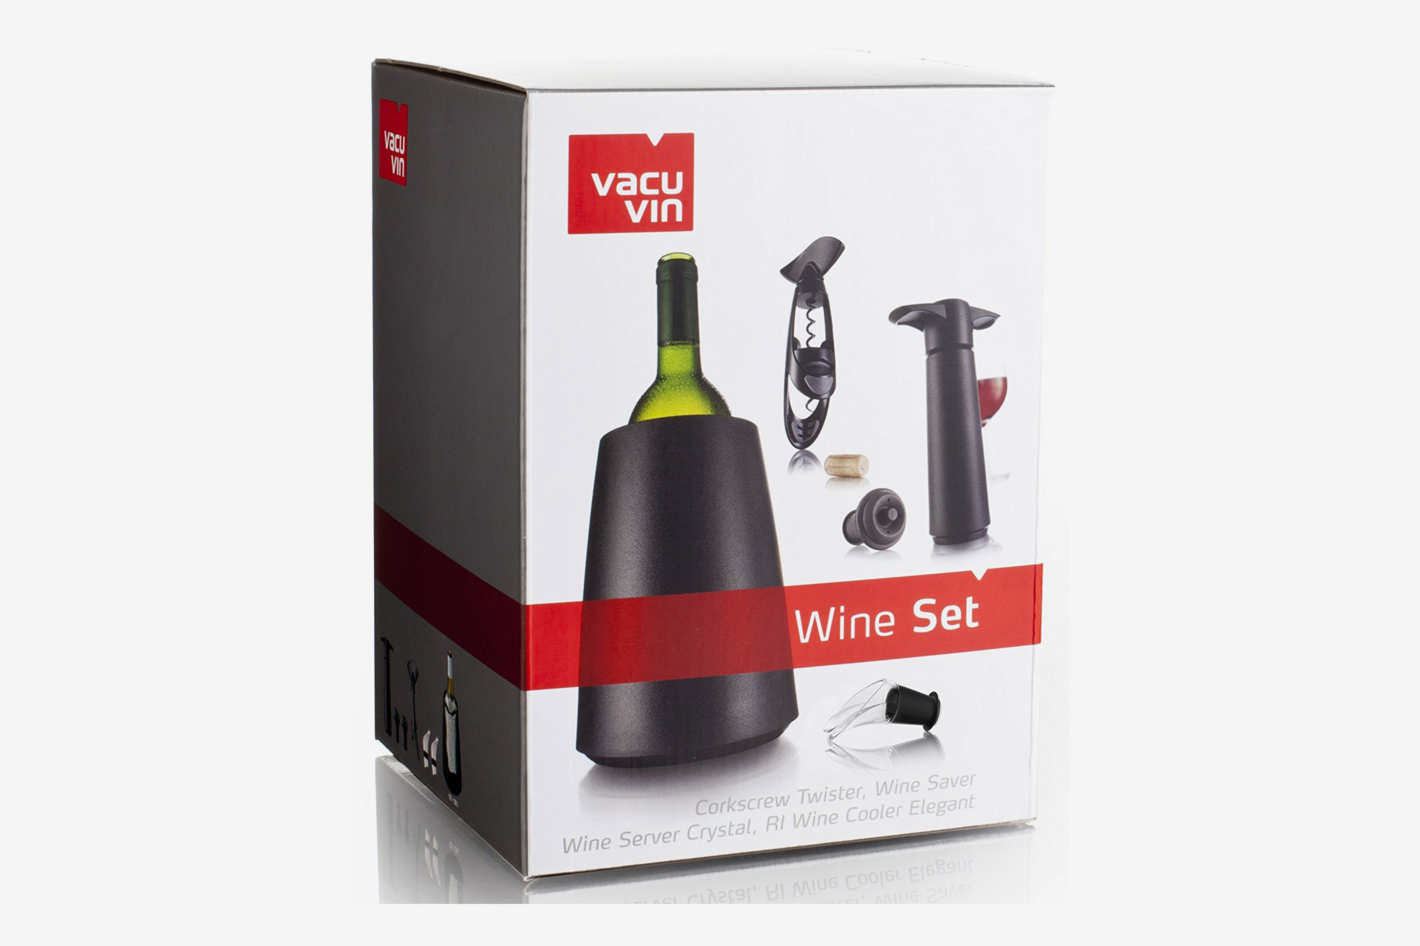 Vacu Vin Wine Set